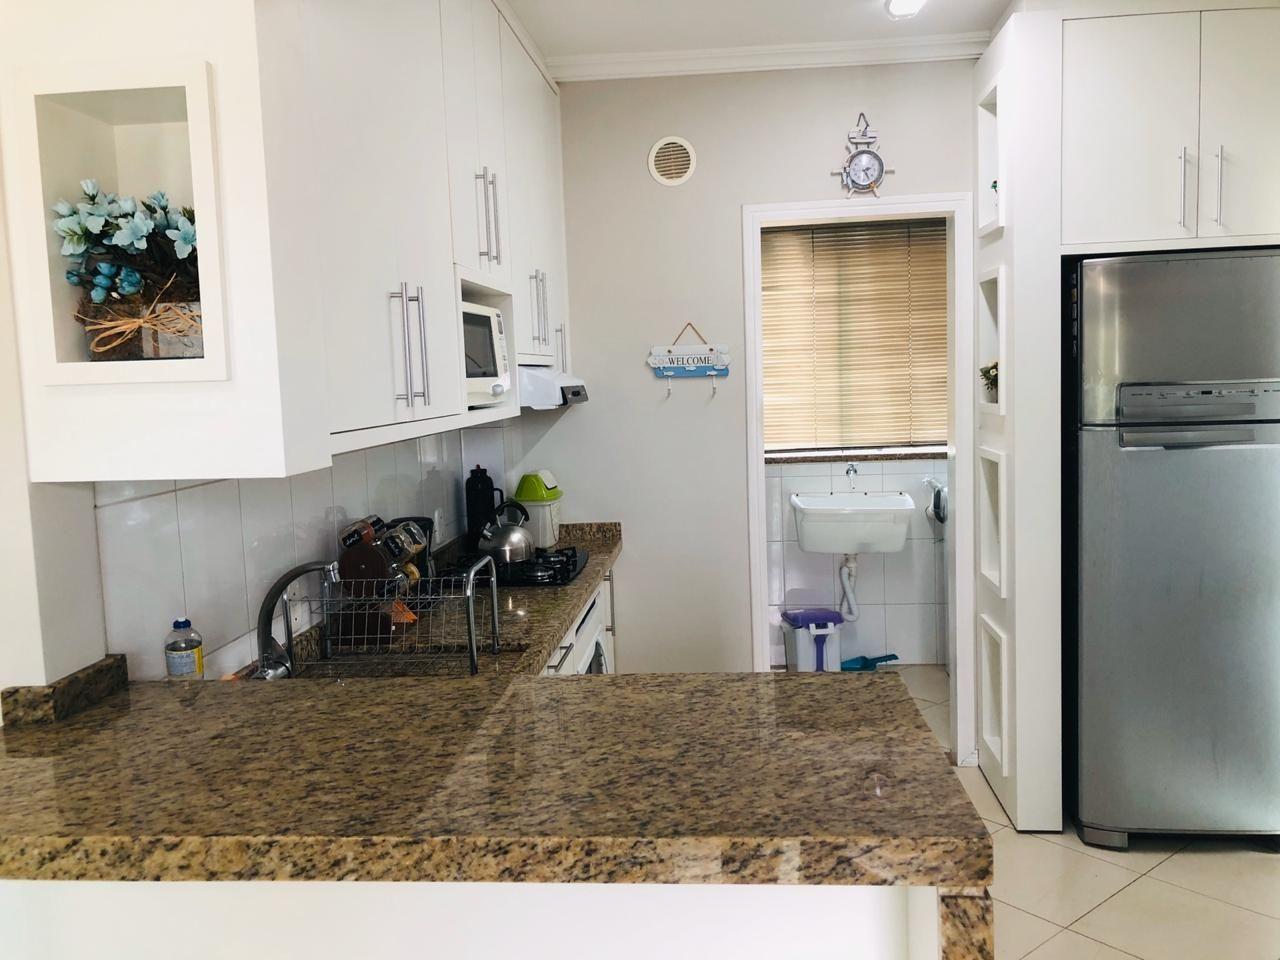 Apartamento com 3 Dormitórios para alugar, 99 m² valor à combinar